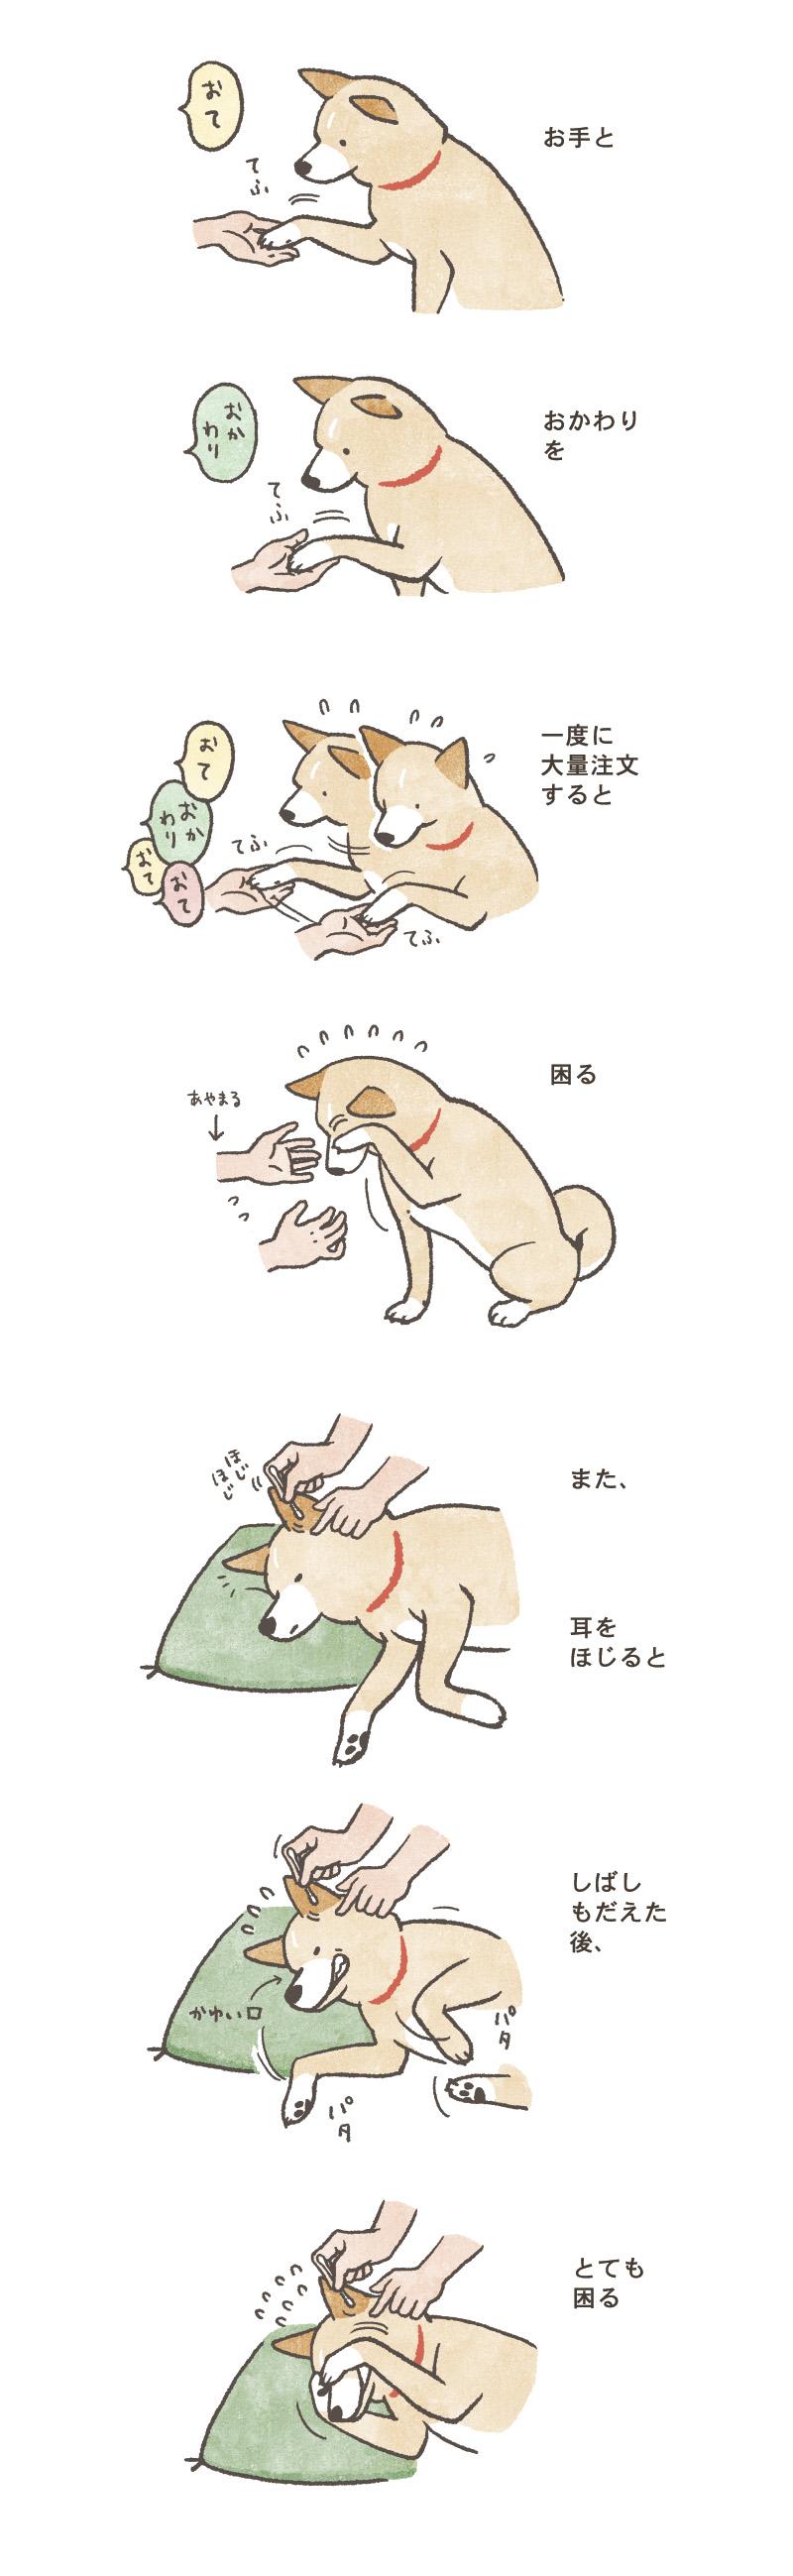 09inukomaru_800.jpg